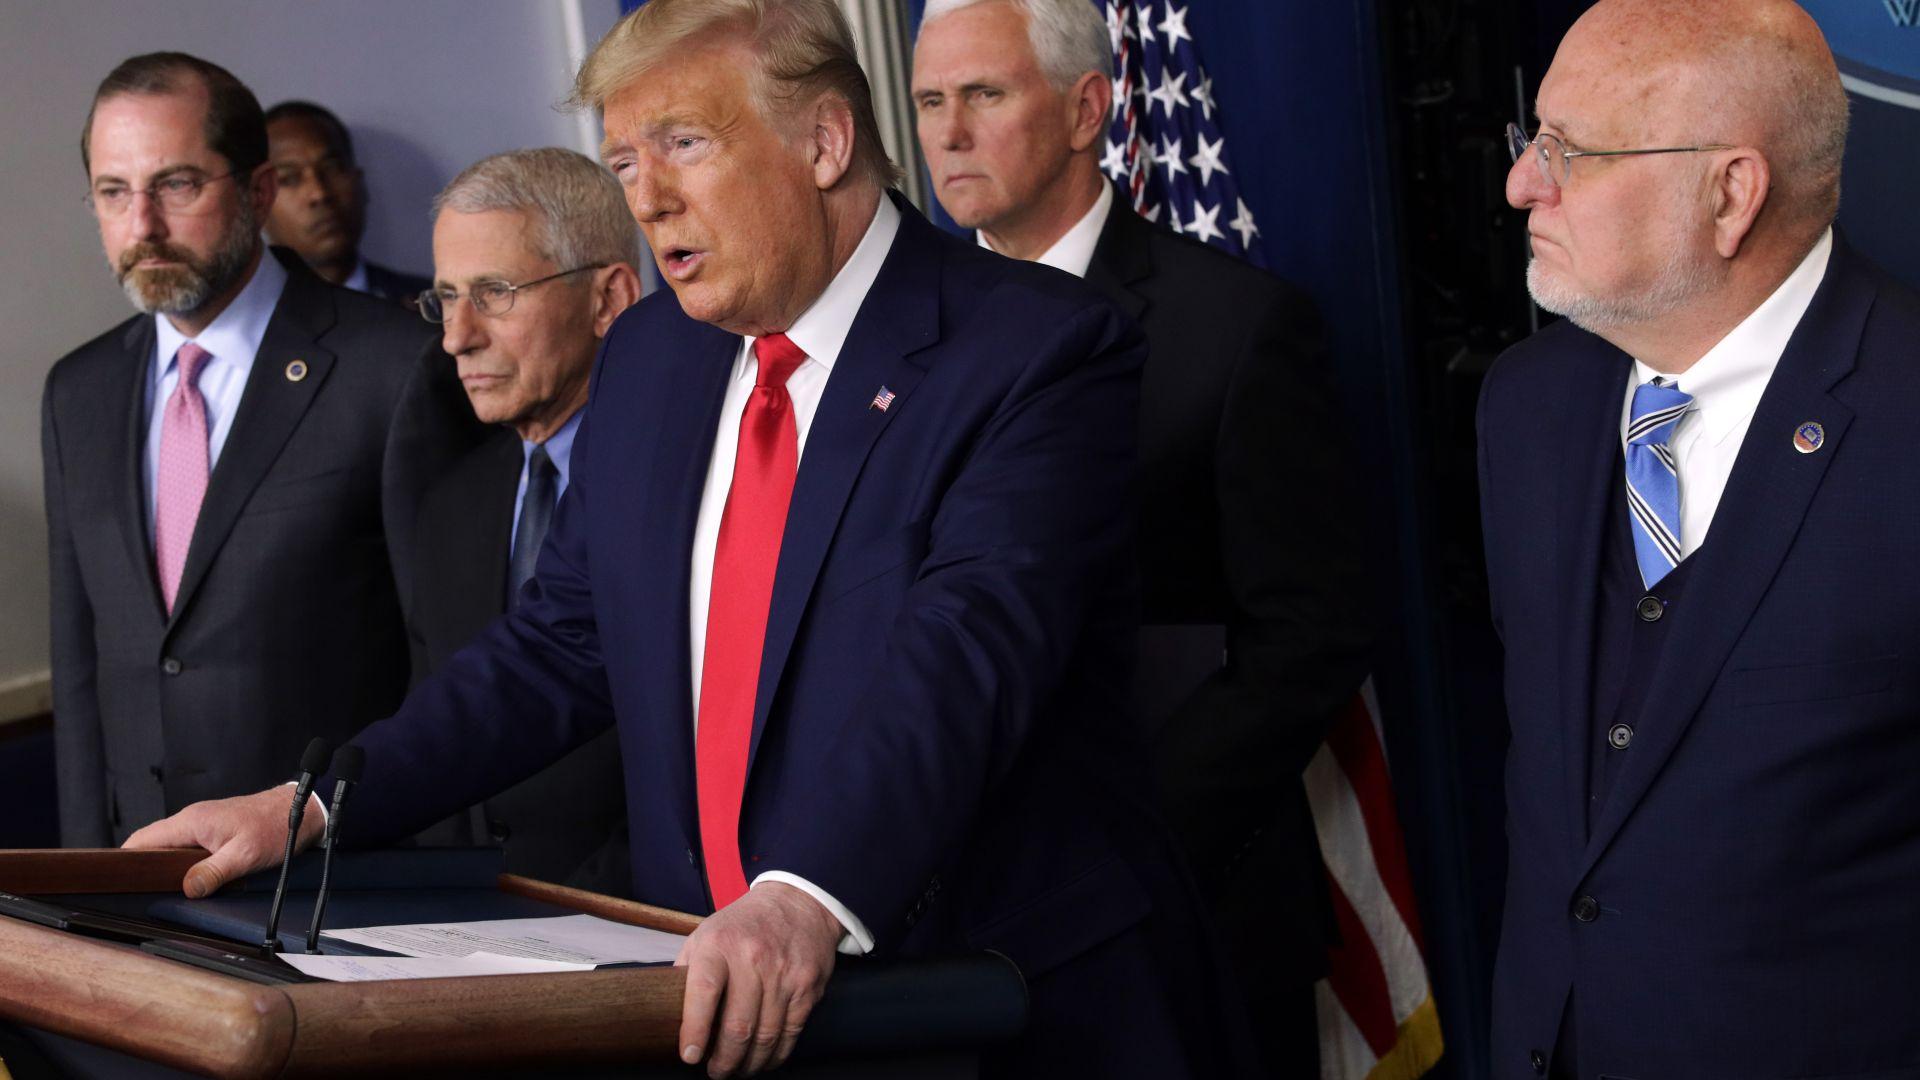 САЩ отпуснаха 2,2 трилиона долара за икономиката, Пентагонът спря за 60 дни движението на войски